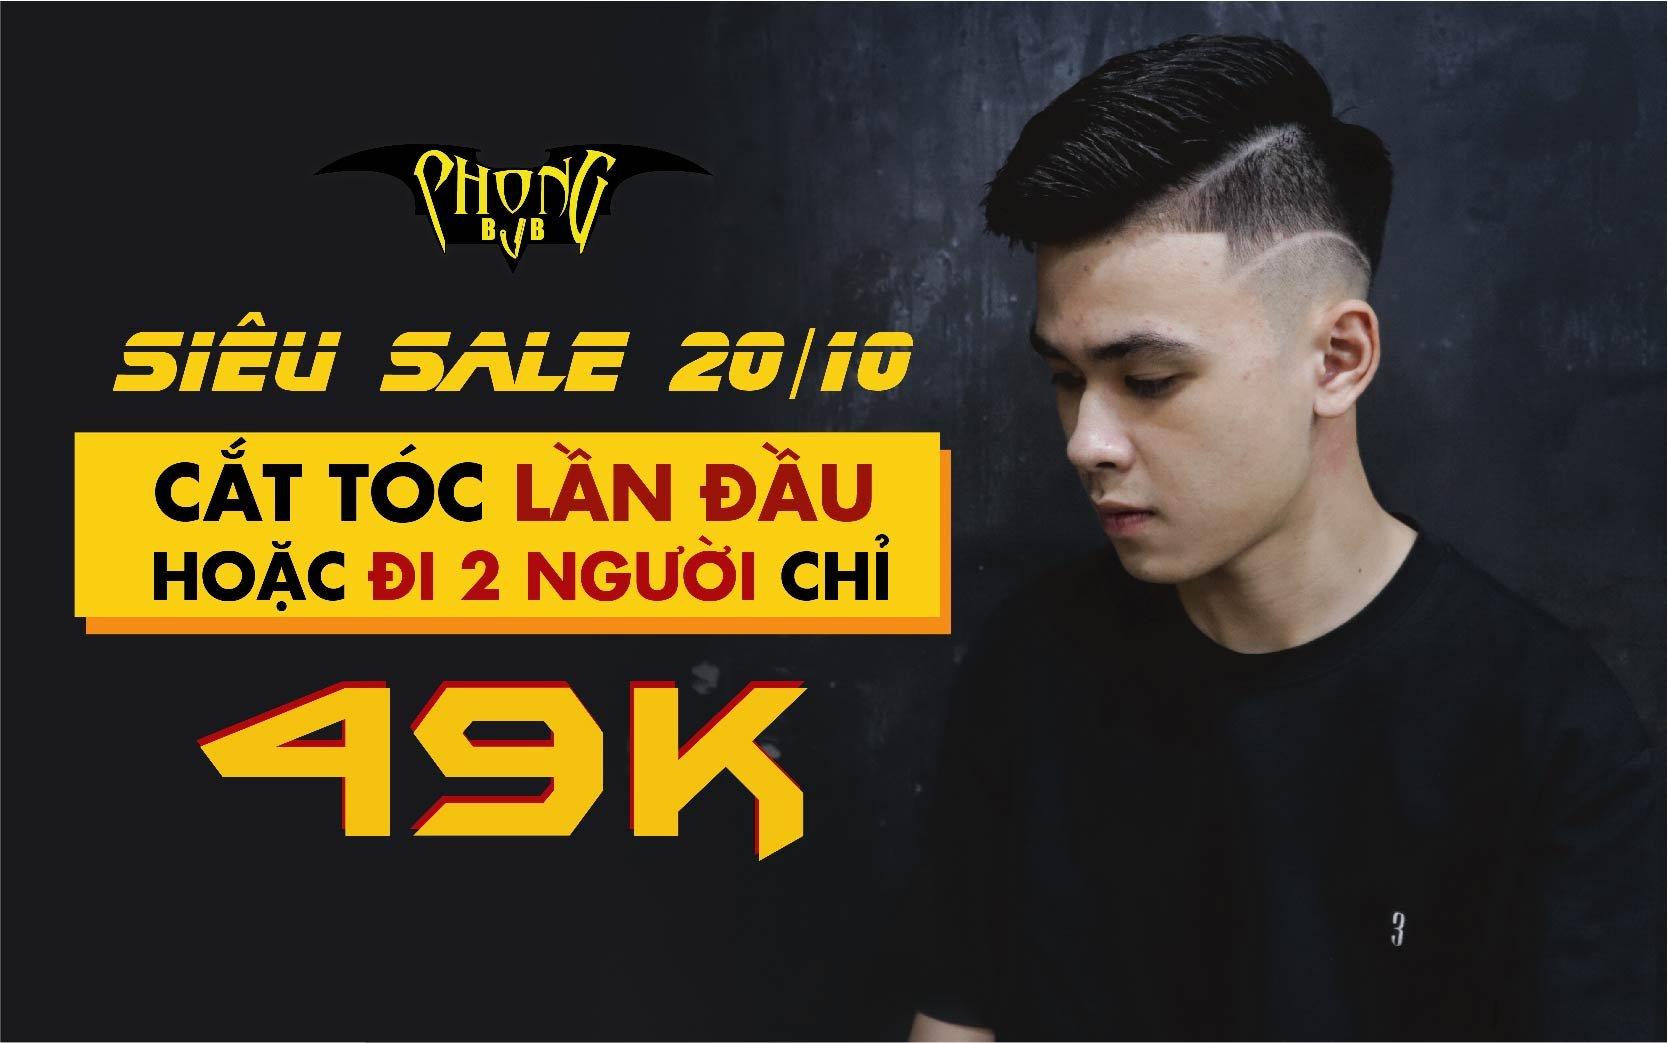 Khuyến mãi 20/10: Phong BvB sale cắt tóc 49k - Đẹp trai thả ga